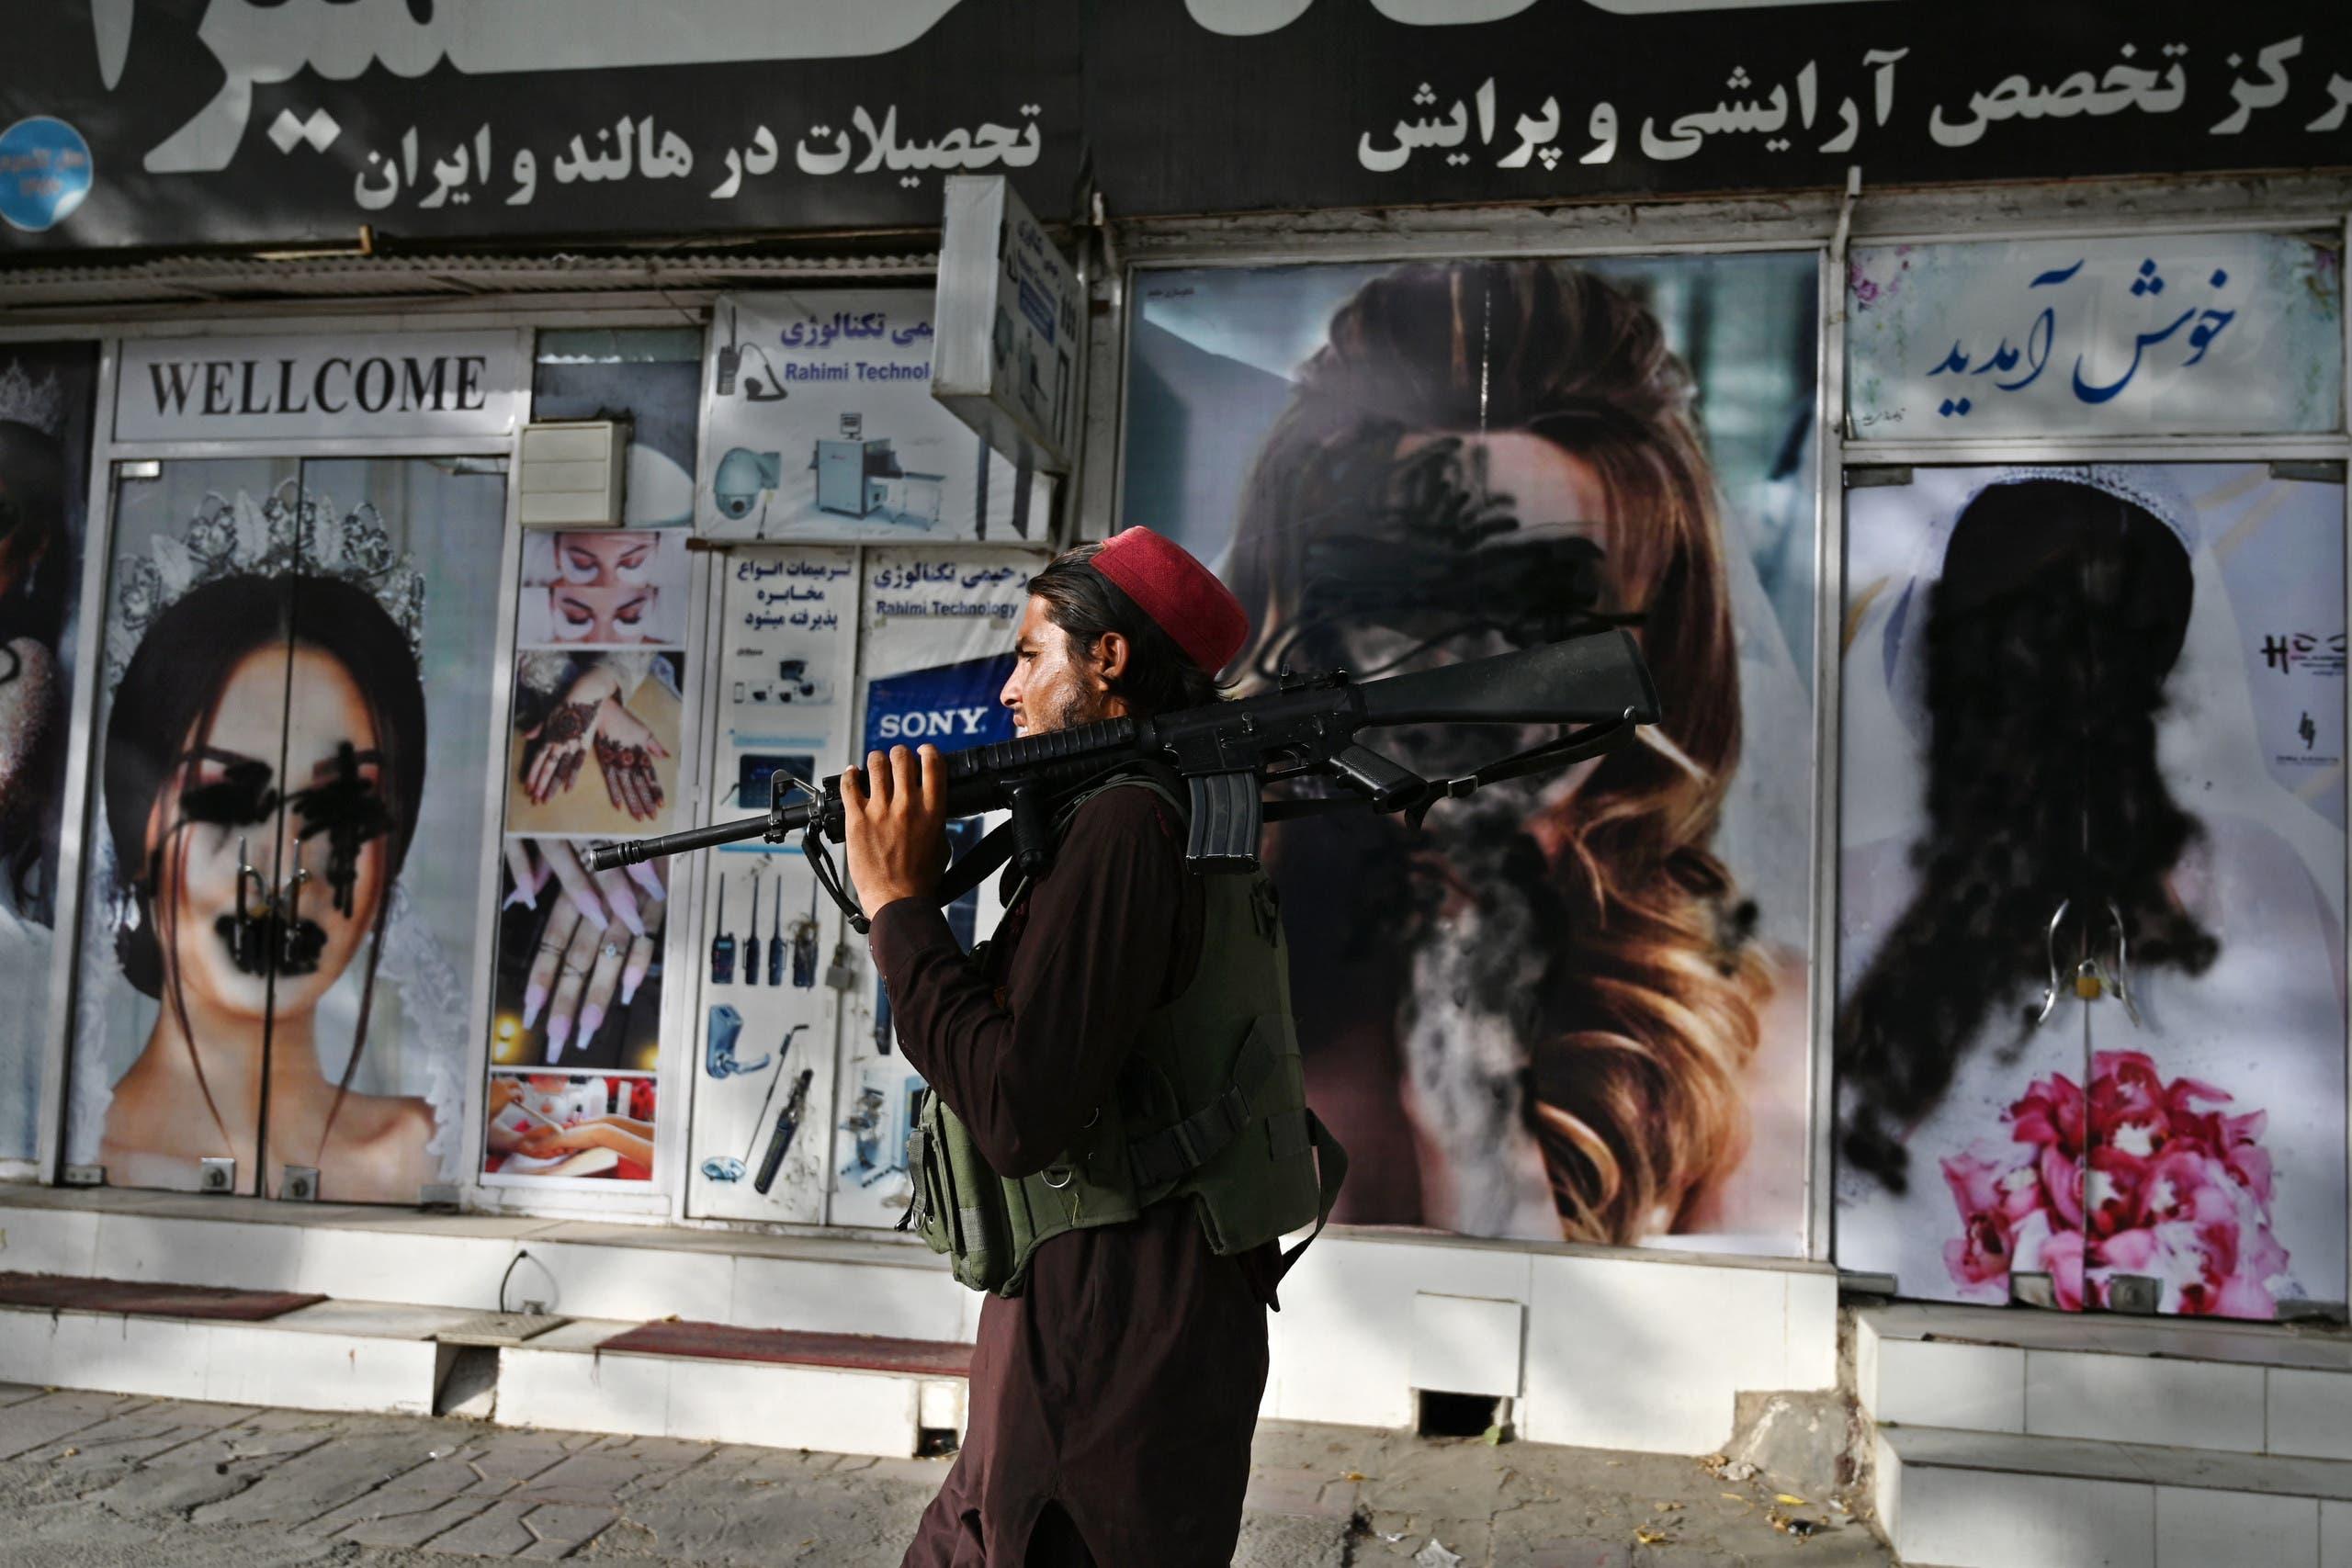 عنصر من طالبان يمر أمام صالون نسائي في كابل اليوم بعدما تم نزع صور النساء عن واجهته